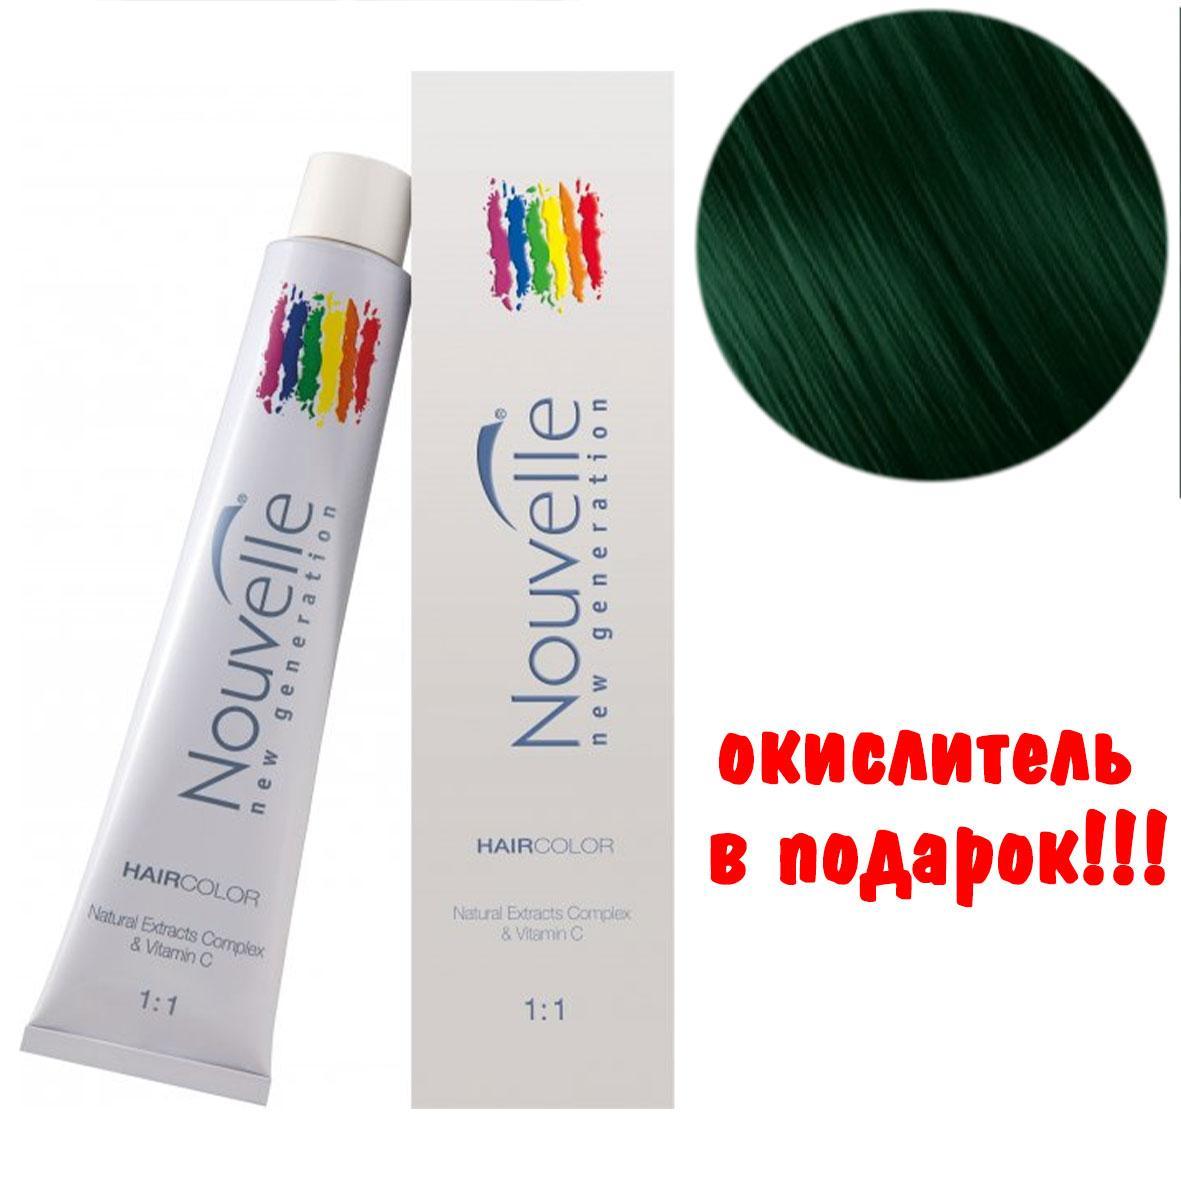 Микстон 011 Nouvelle Hair Color Зеленый 100 мл